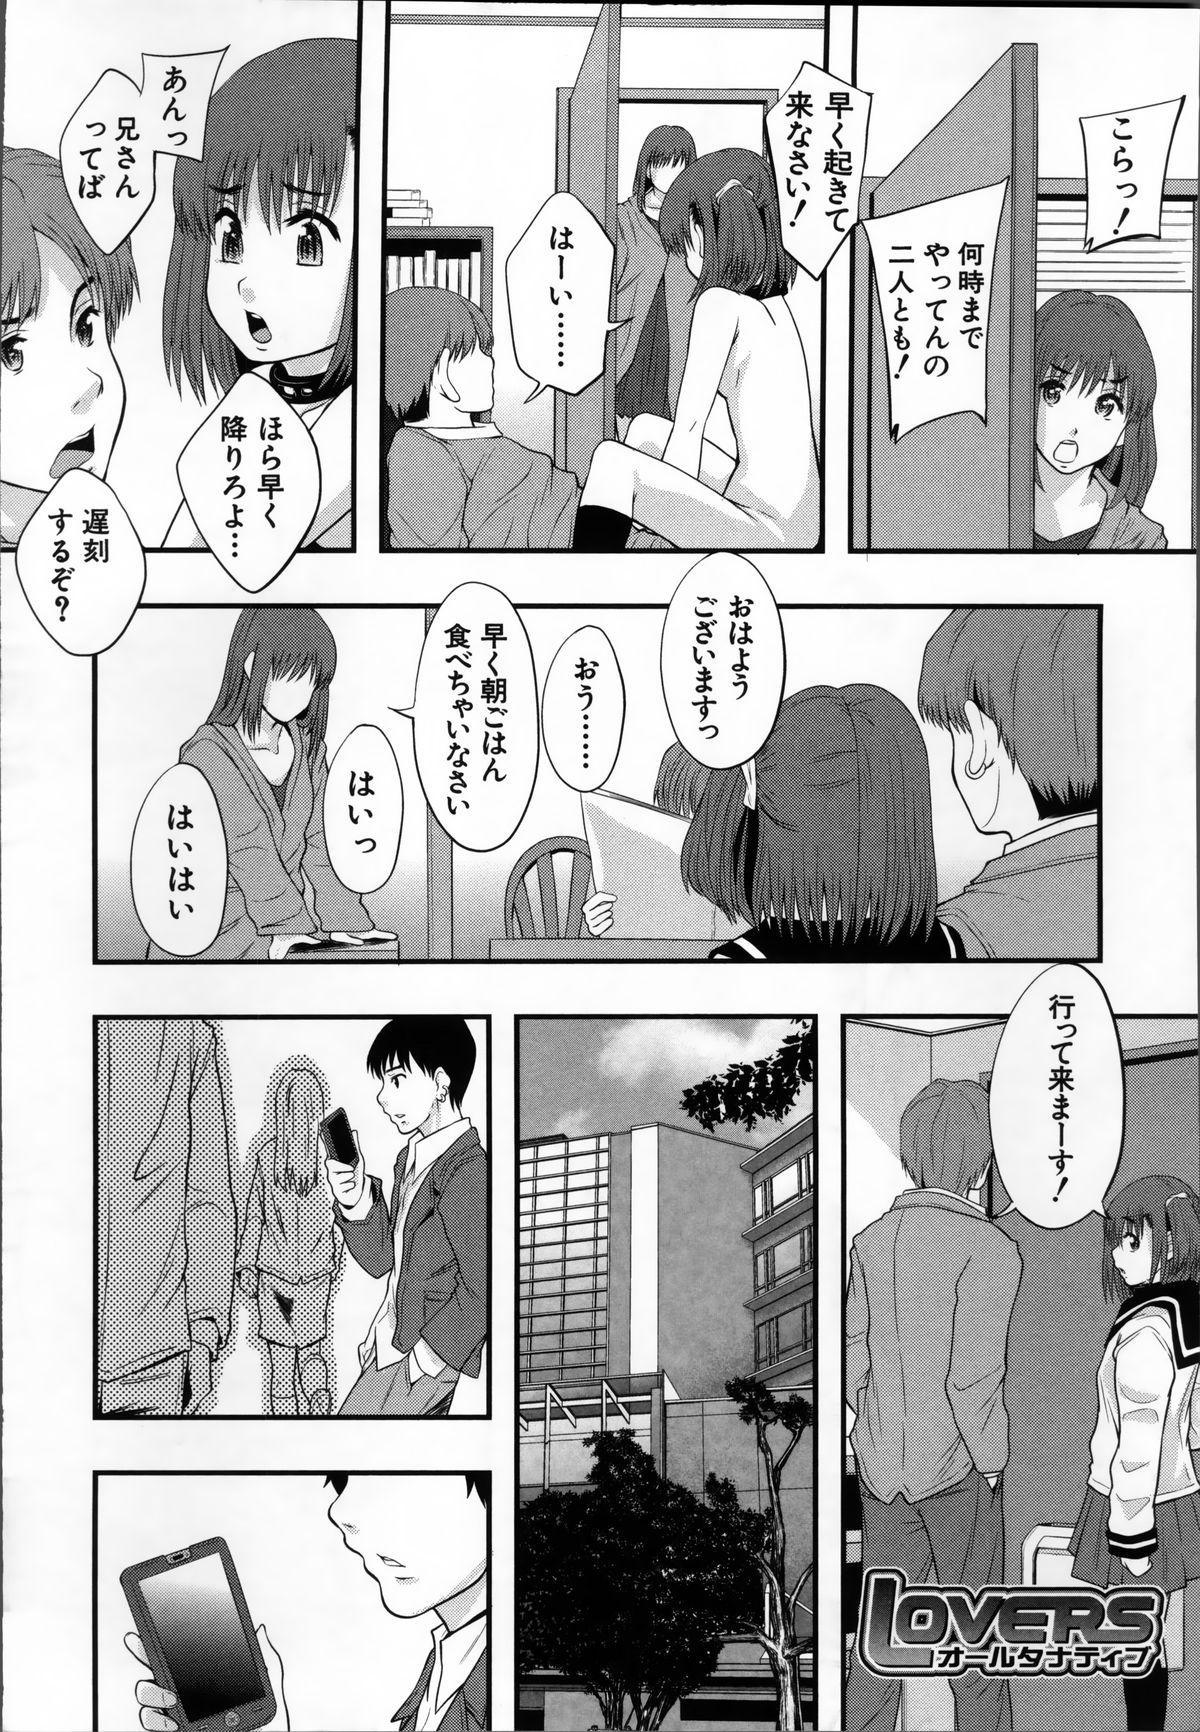 Seikou Ningyou to, Watashi - Fuckdoll and I 13